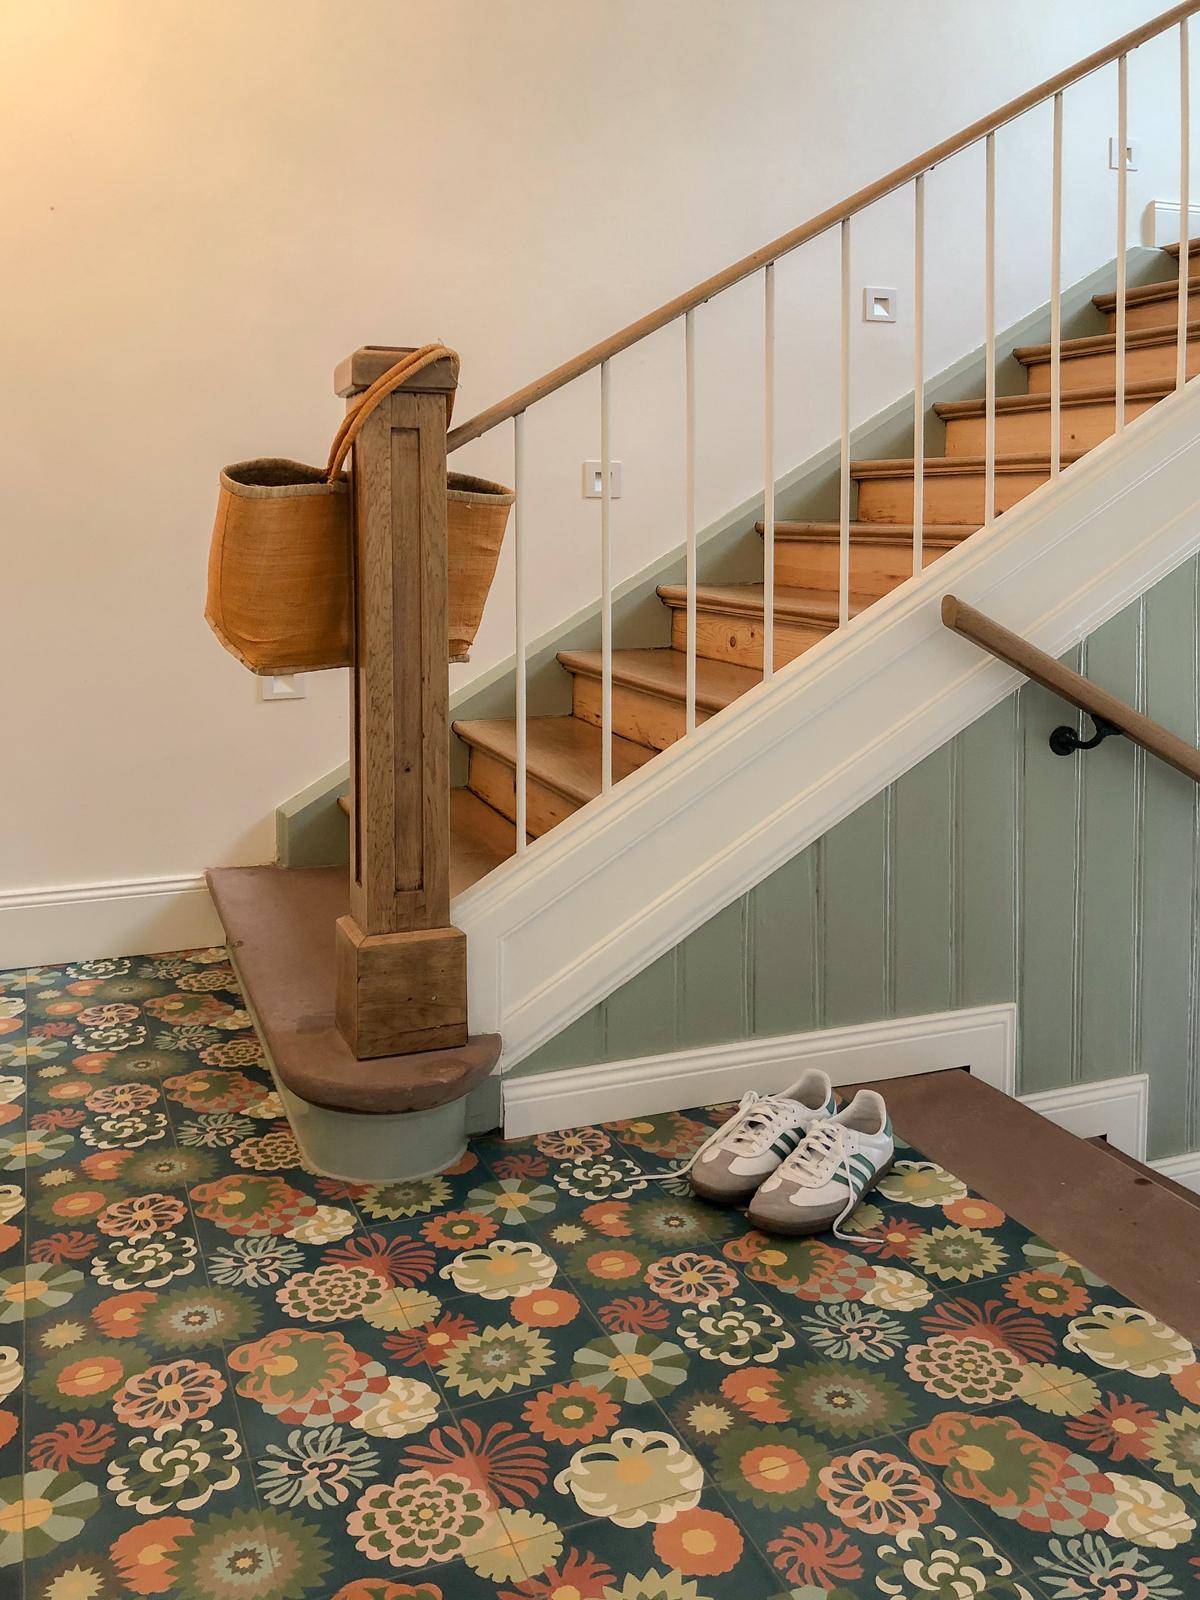 zementfliesen-zementmosaikplatten-nr.51078-blumenwiese-treppenaufgang-viaplatten | 51078